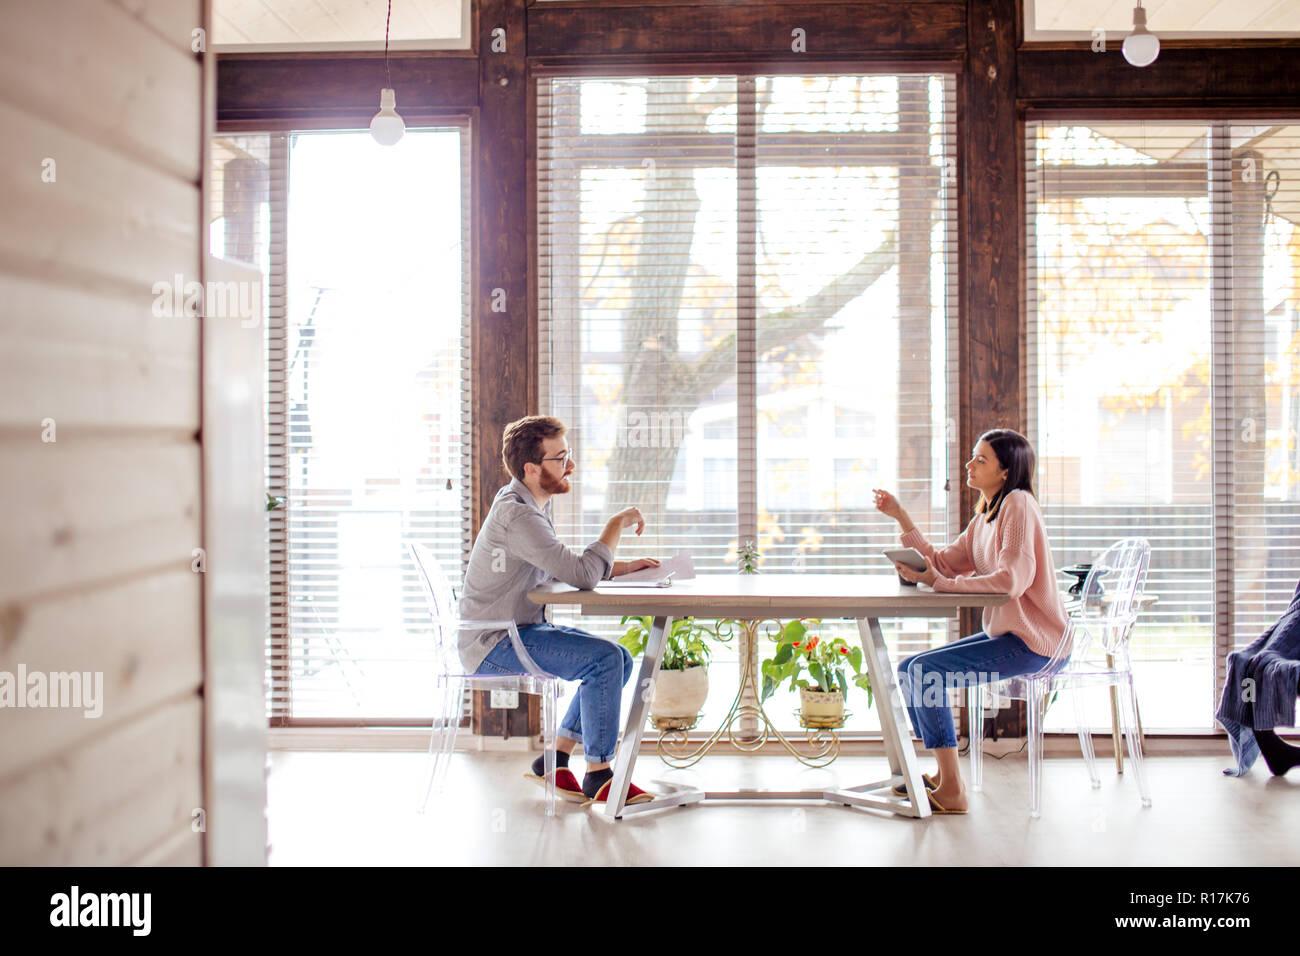 Un homme et une femme sont assis à une table en face de l'autre. Banque D'Images